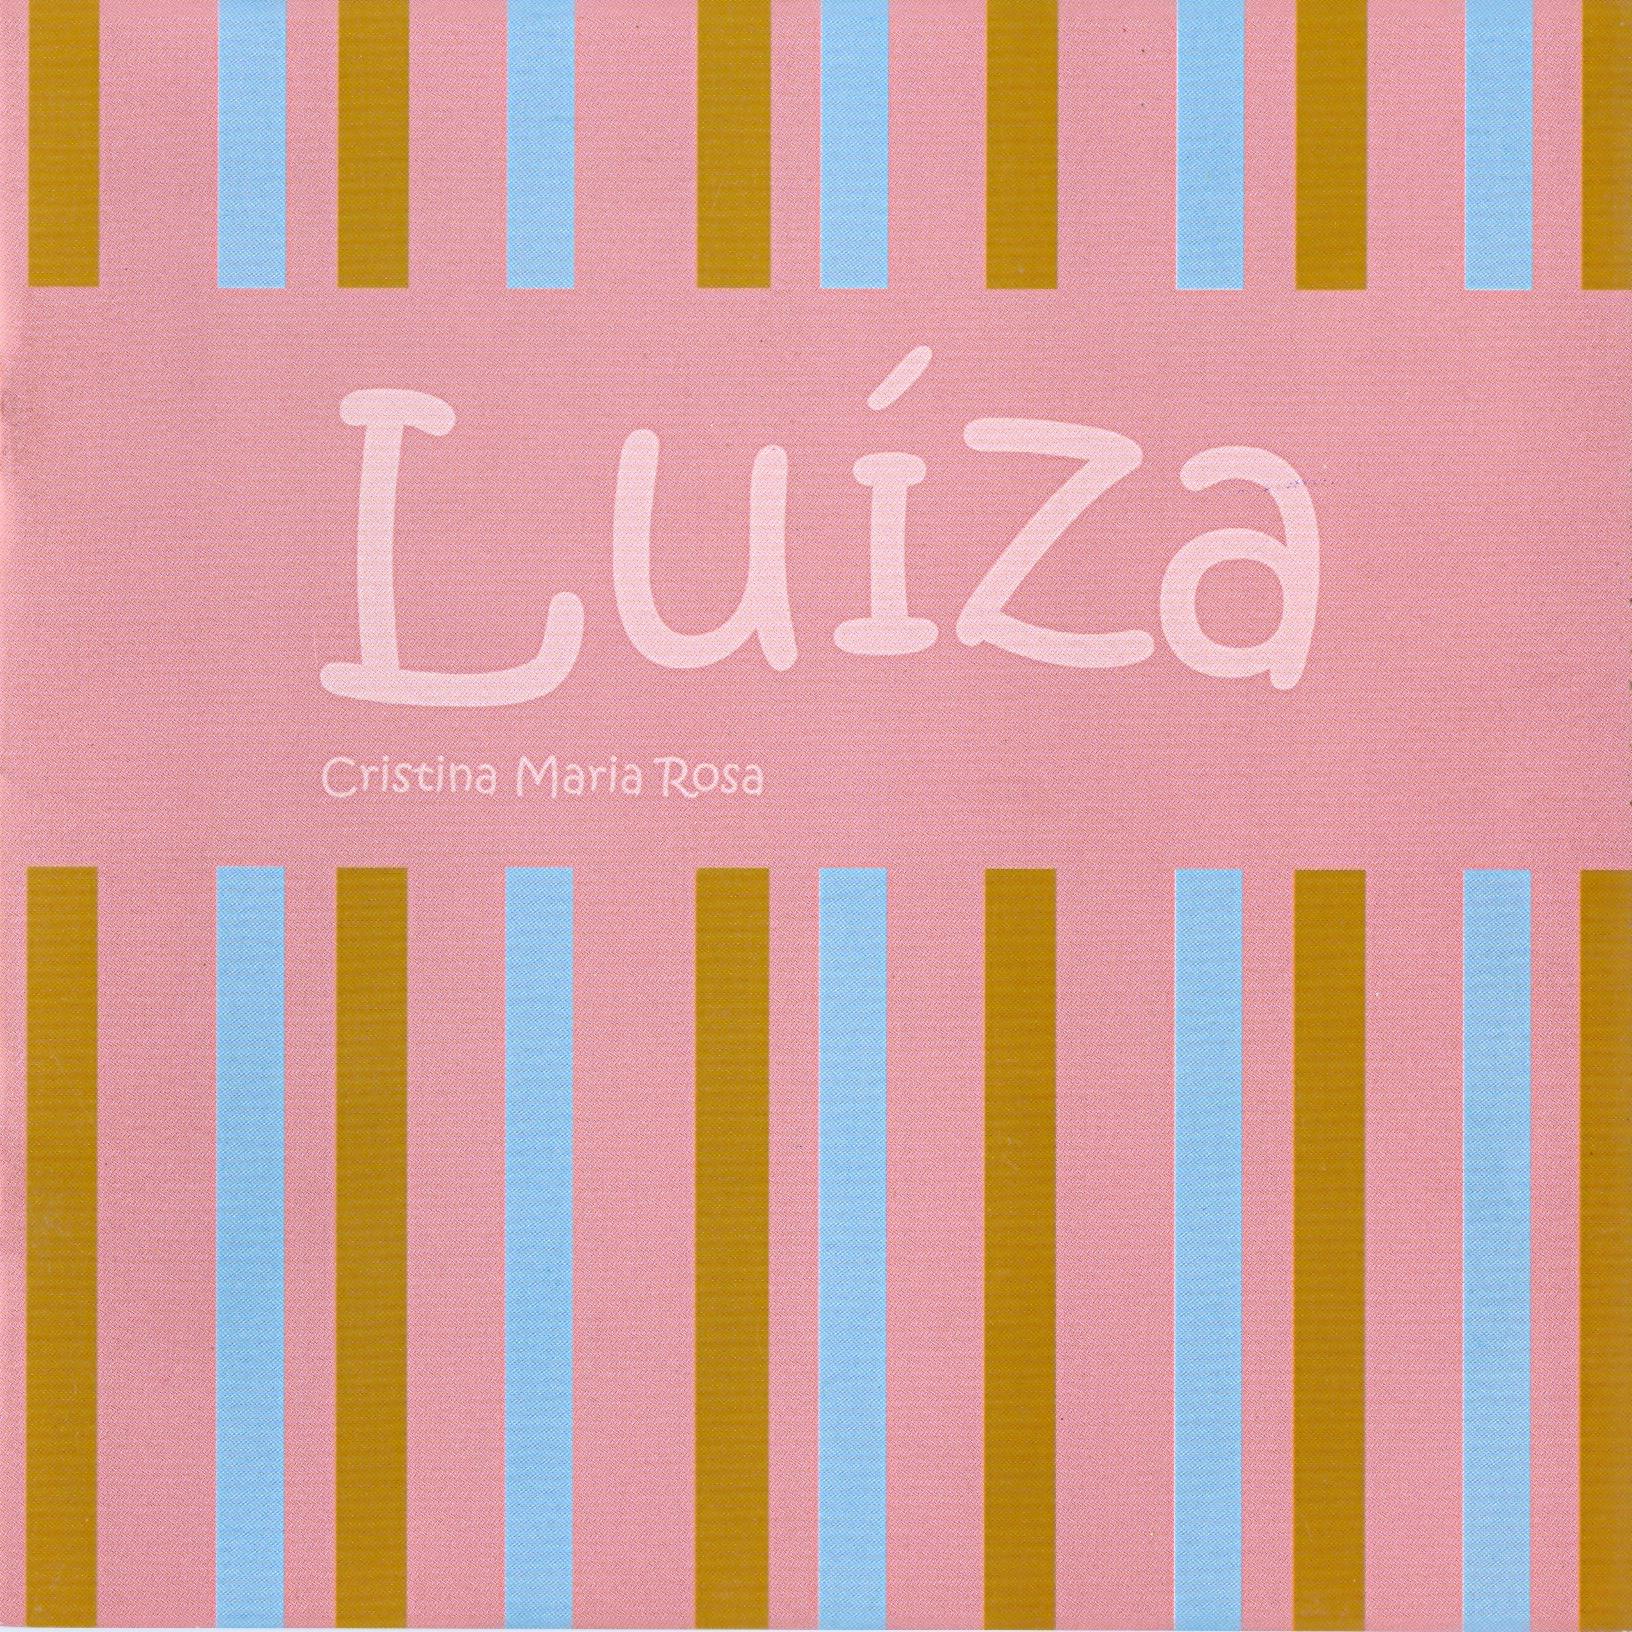 Luíza